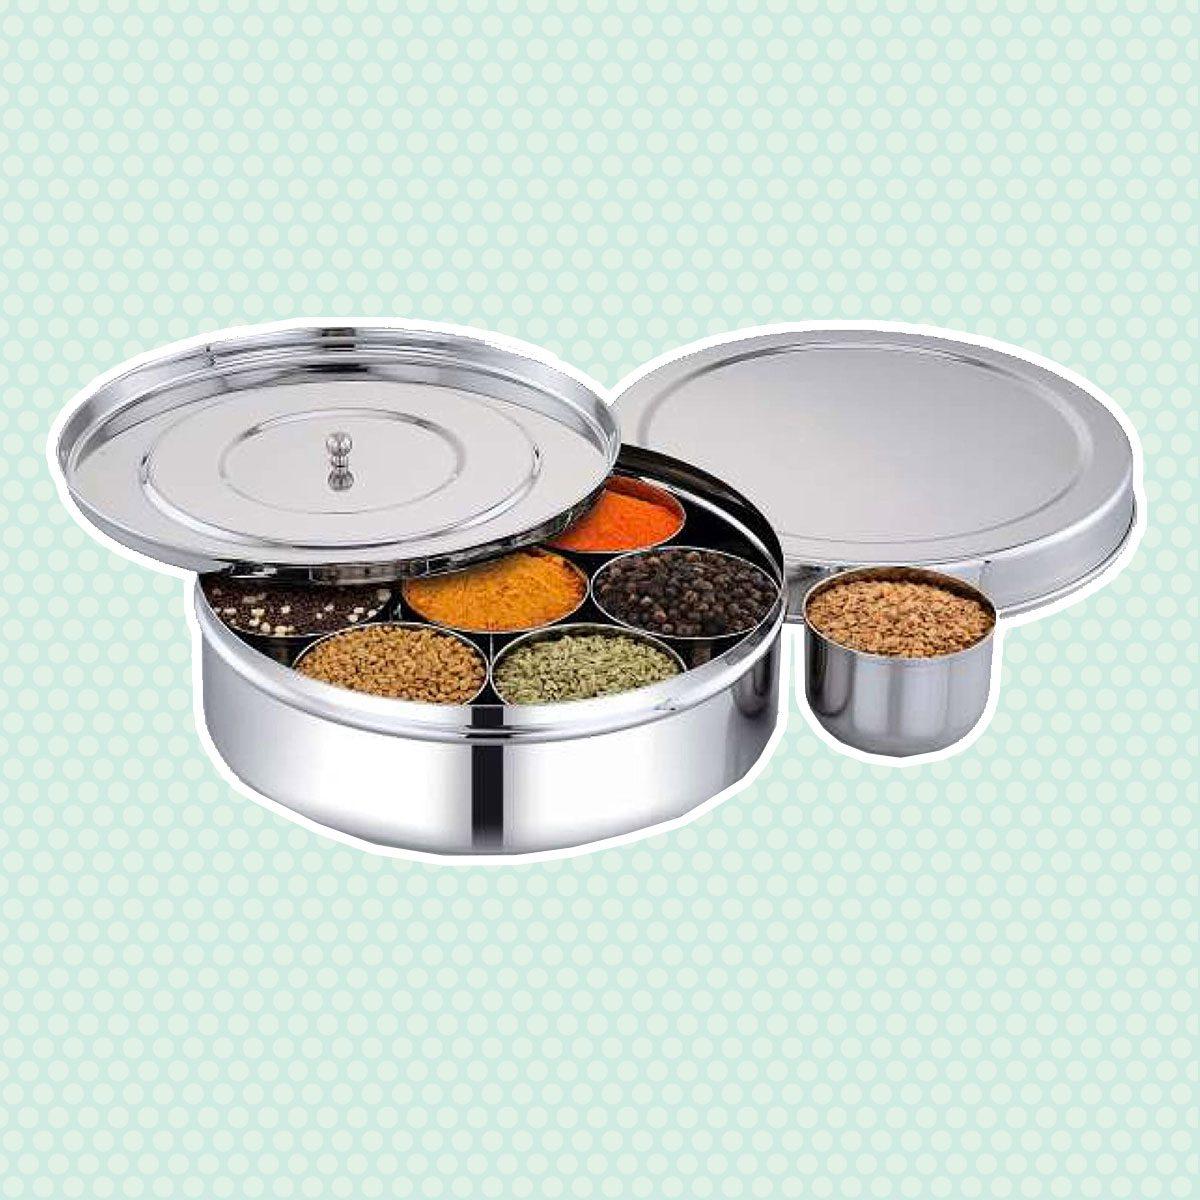 Spice Container - Masala Dabba